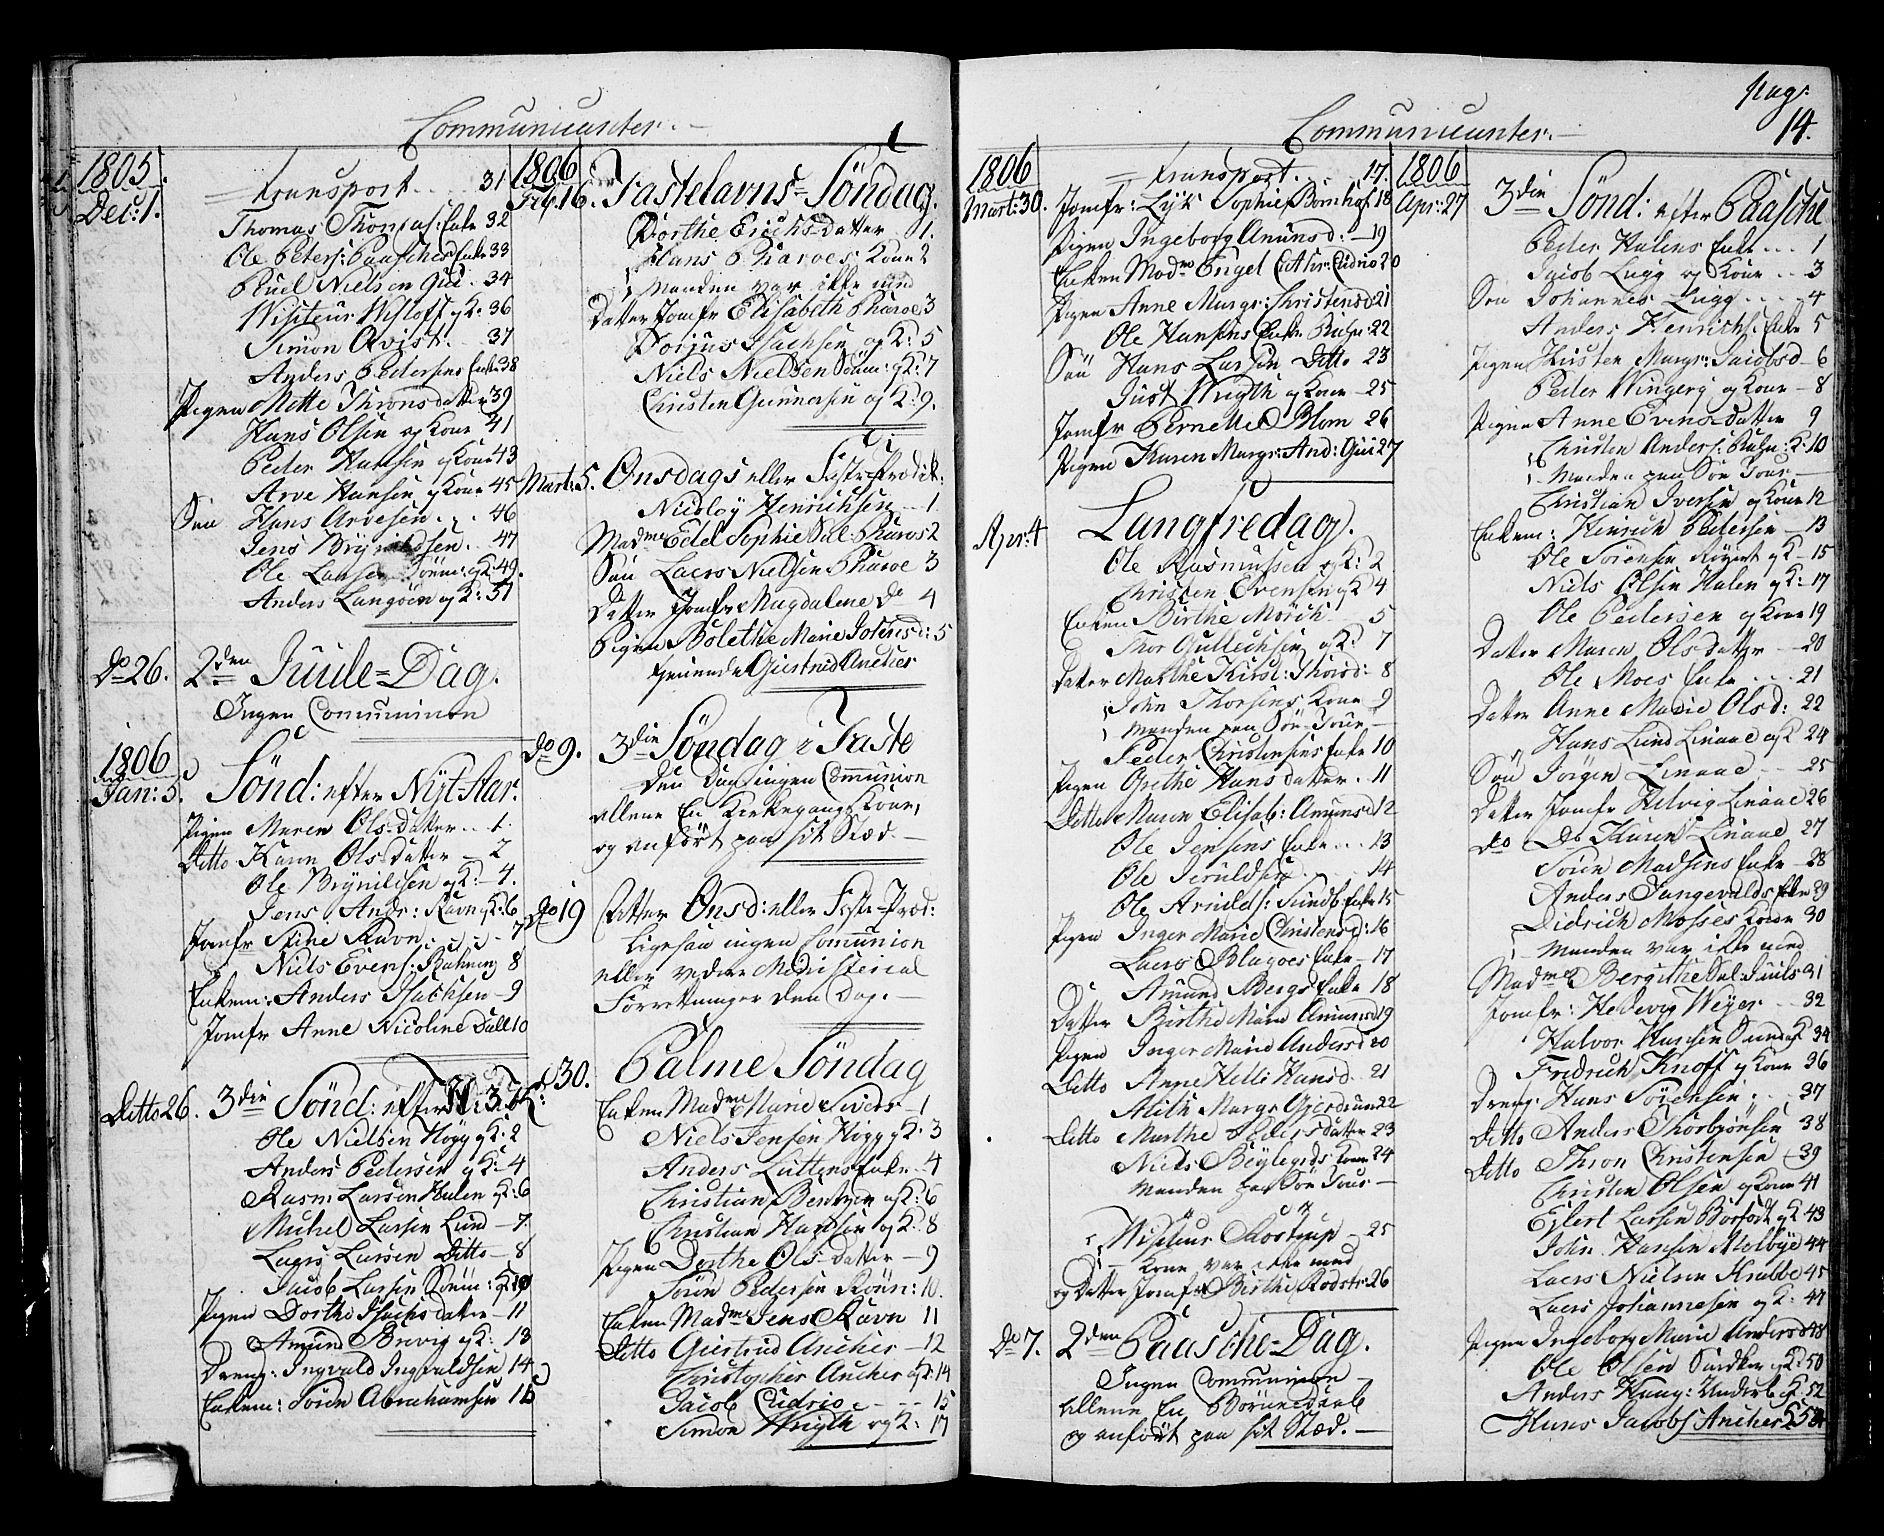 SAKO, Langesund kirkebøker, G/Ga/L0002: Klokkerbok nr. 2, 1801-1815, s. 14